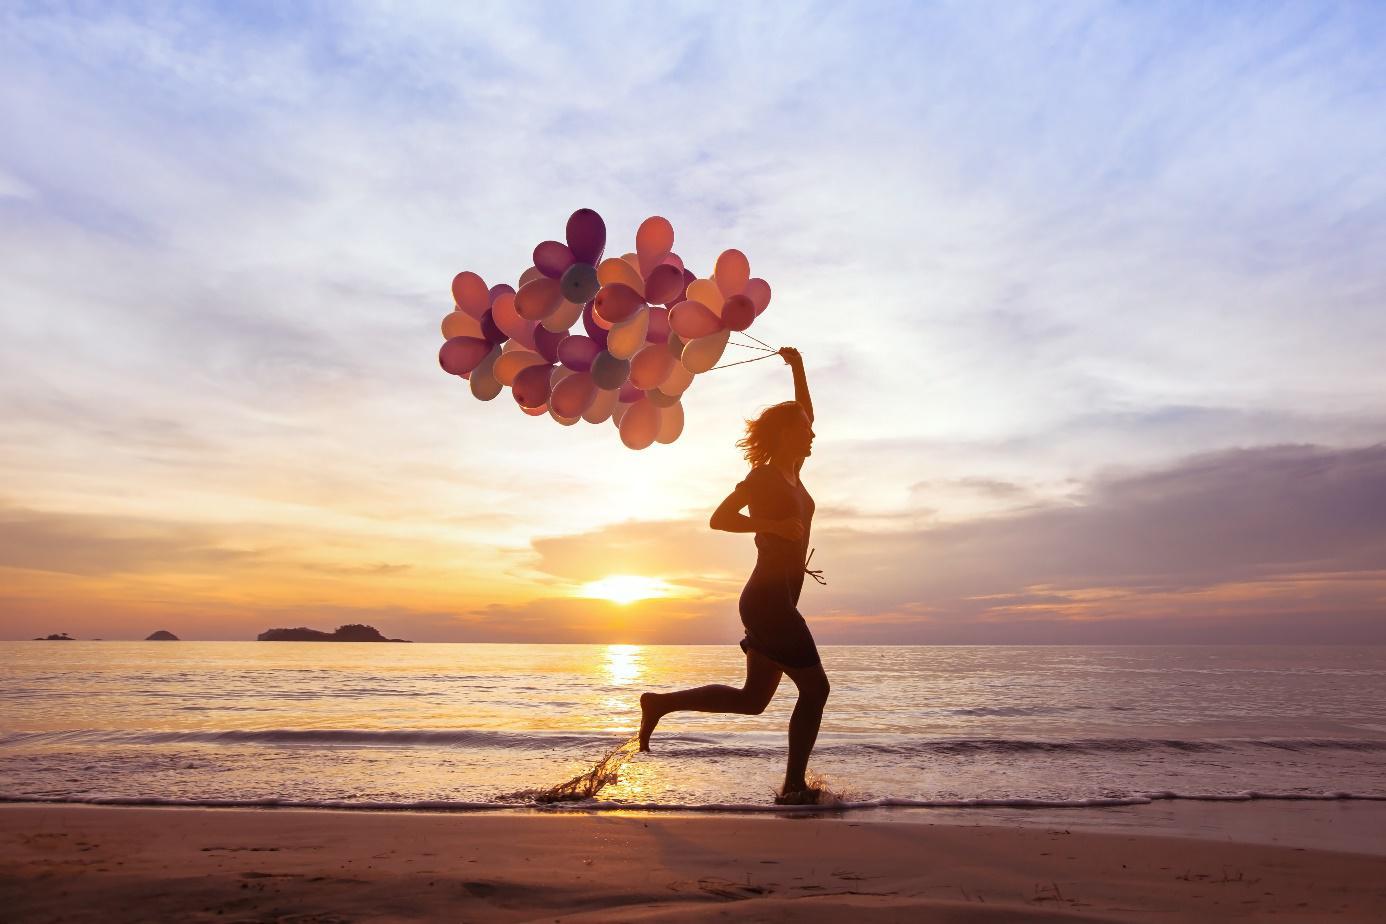 Foto: Frau läuft mit Luftballontraube in Hand vor Sonnenuntergang am Meerufer